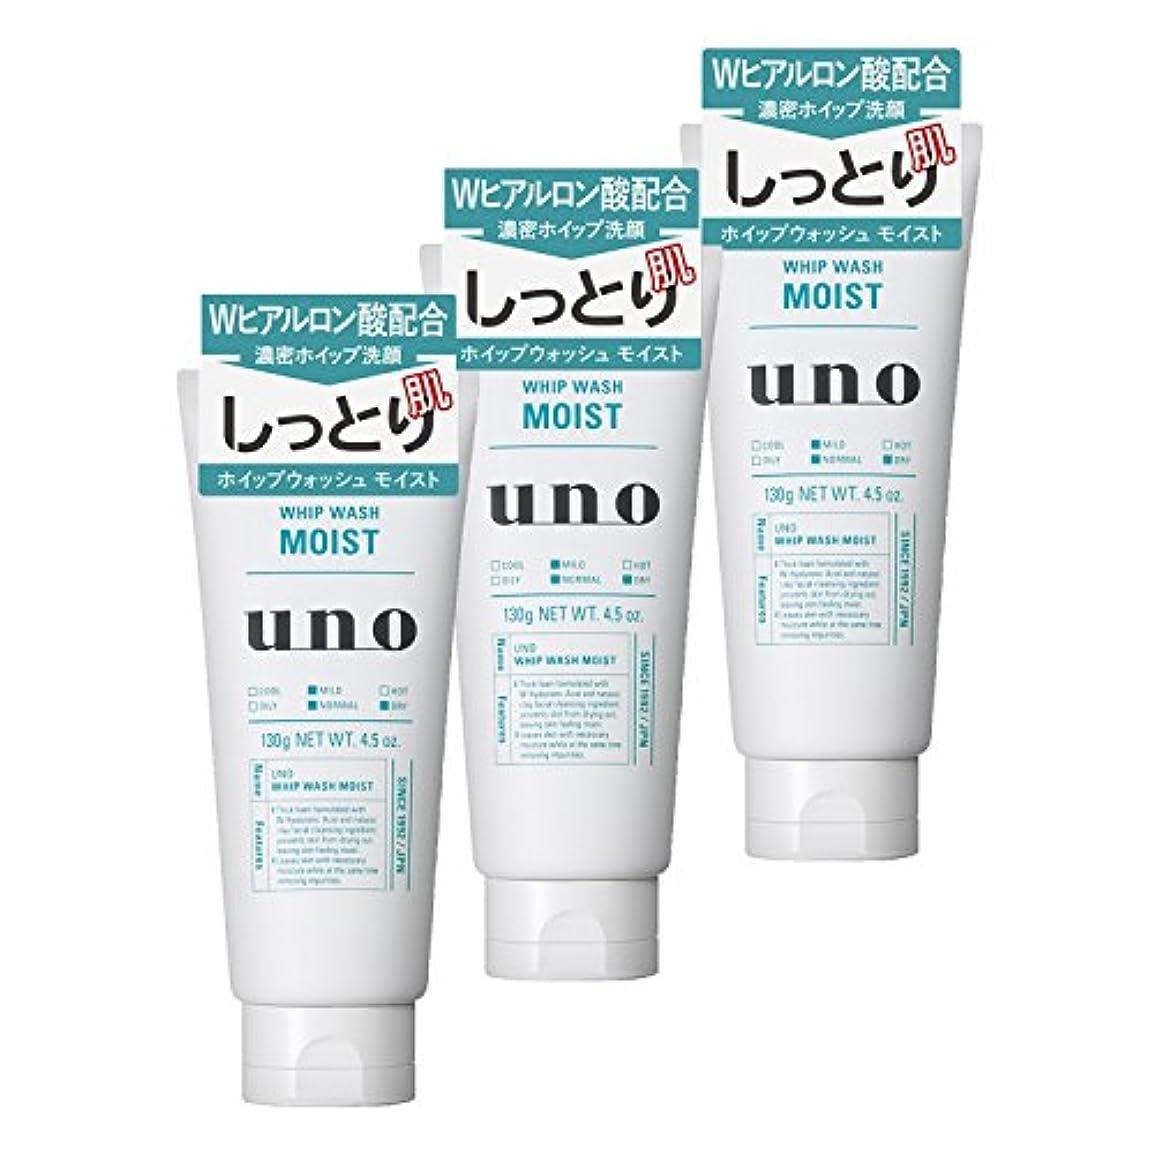 担当者火山学予測子【まとめ買い】 ウーノ (uno) ホイップウォッシュ (モイスト) 洗顔料 130g×3個